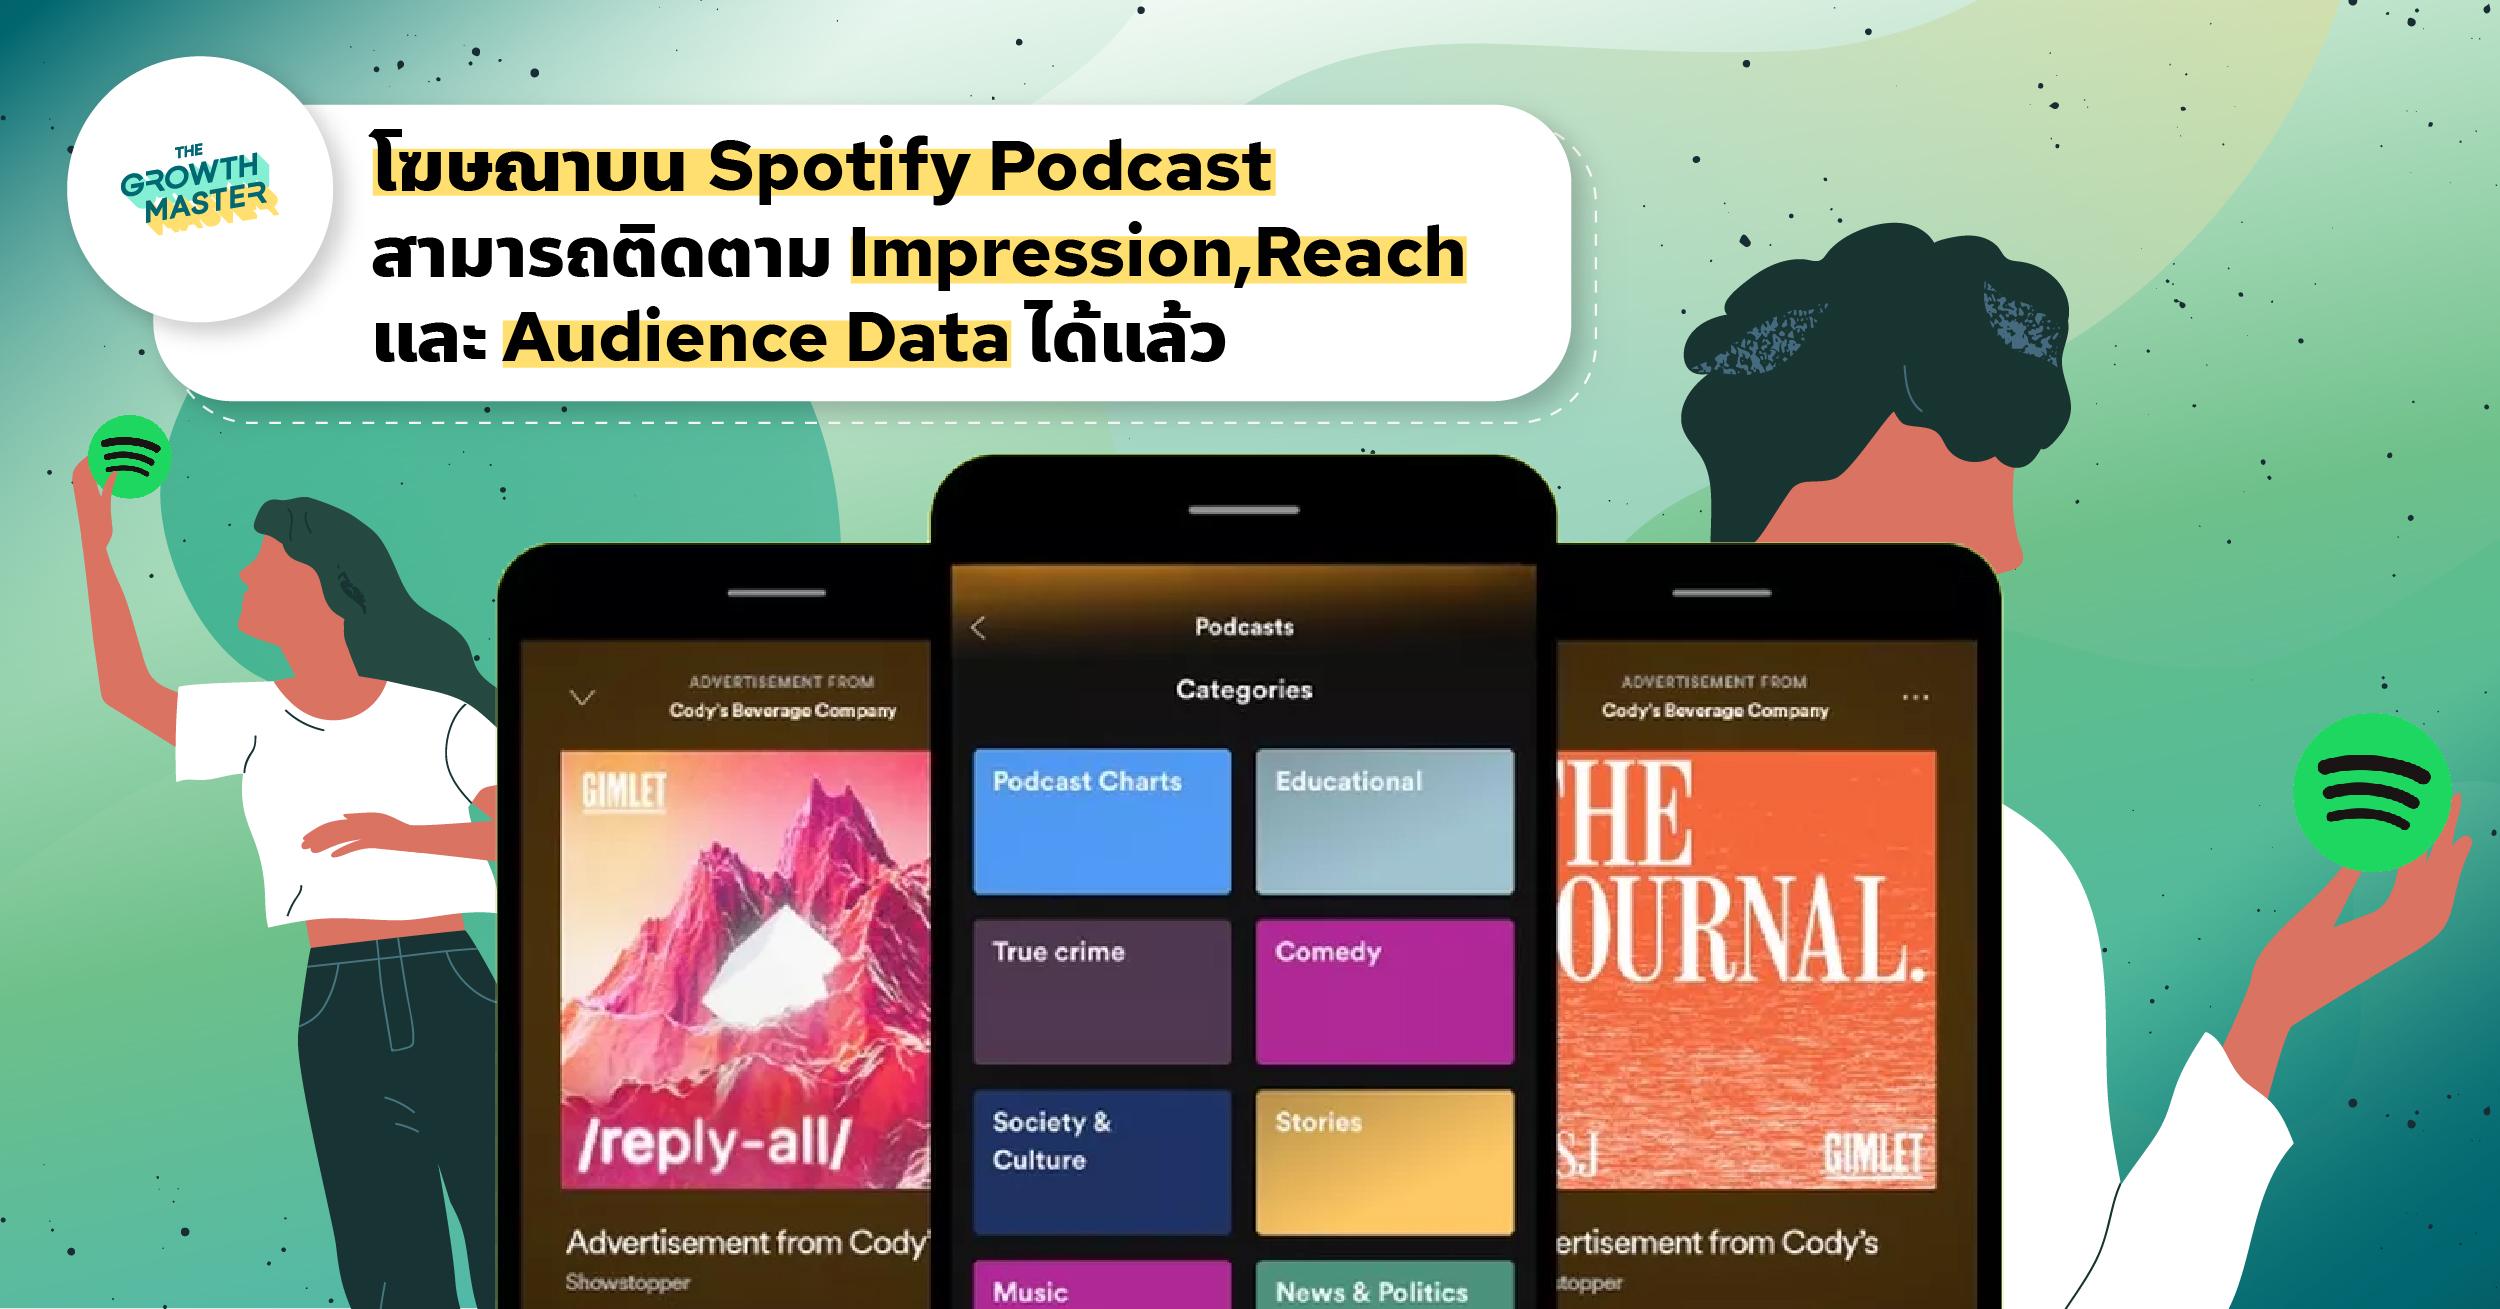 โฆษณาบน Spotify Podcast สามารถติดตาม Impression,Reach และ Audience Data ได้แล้ว